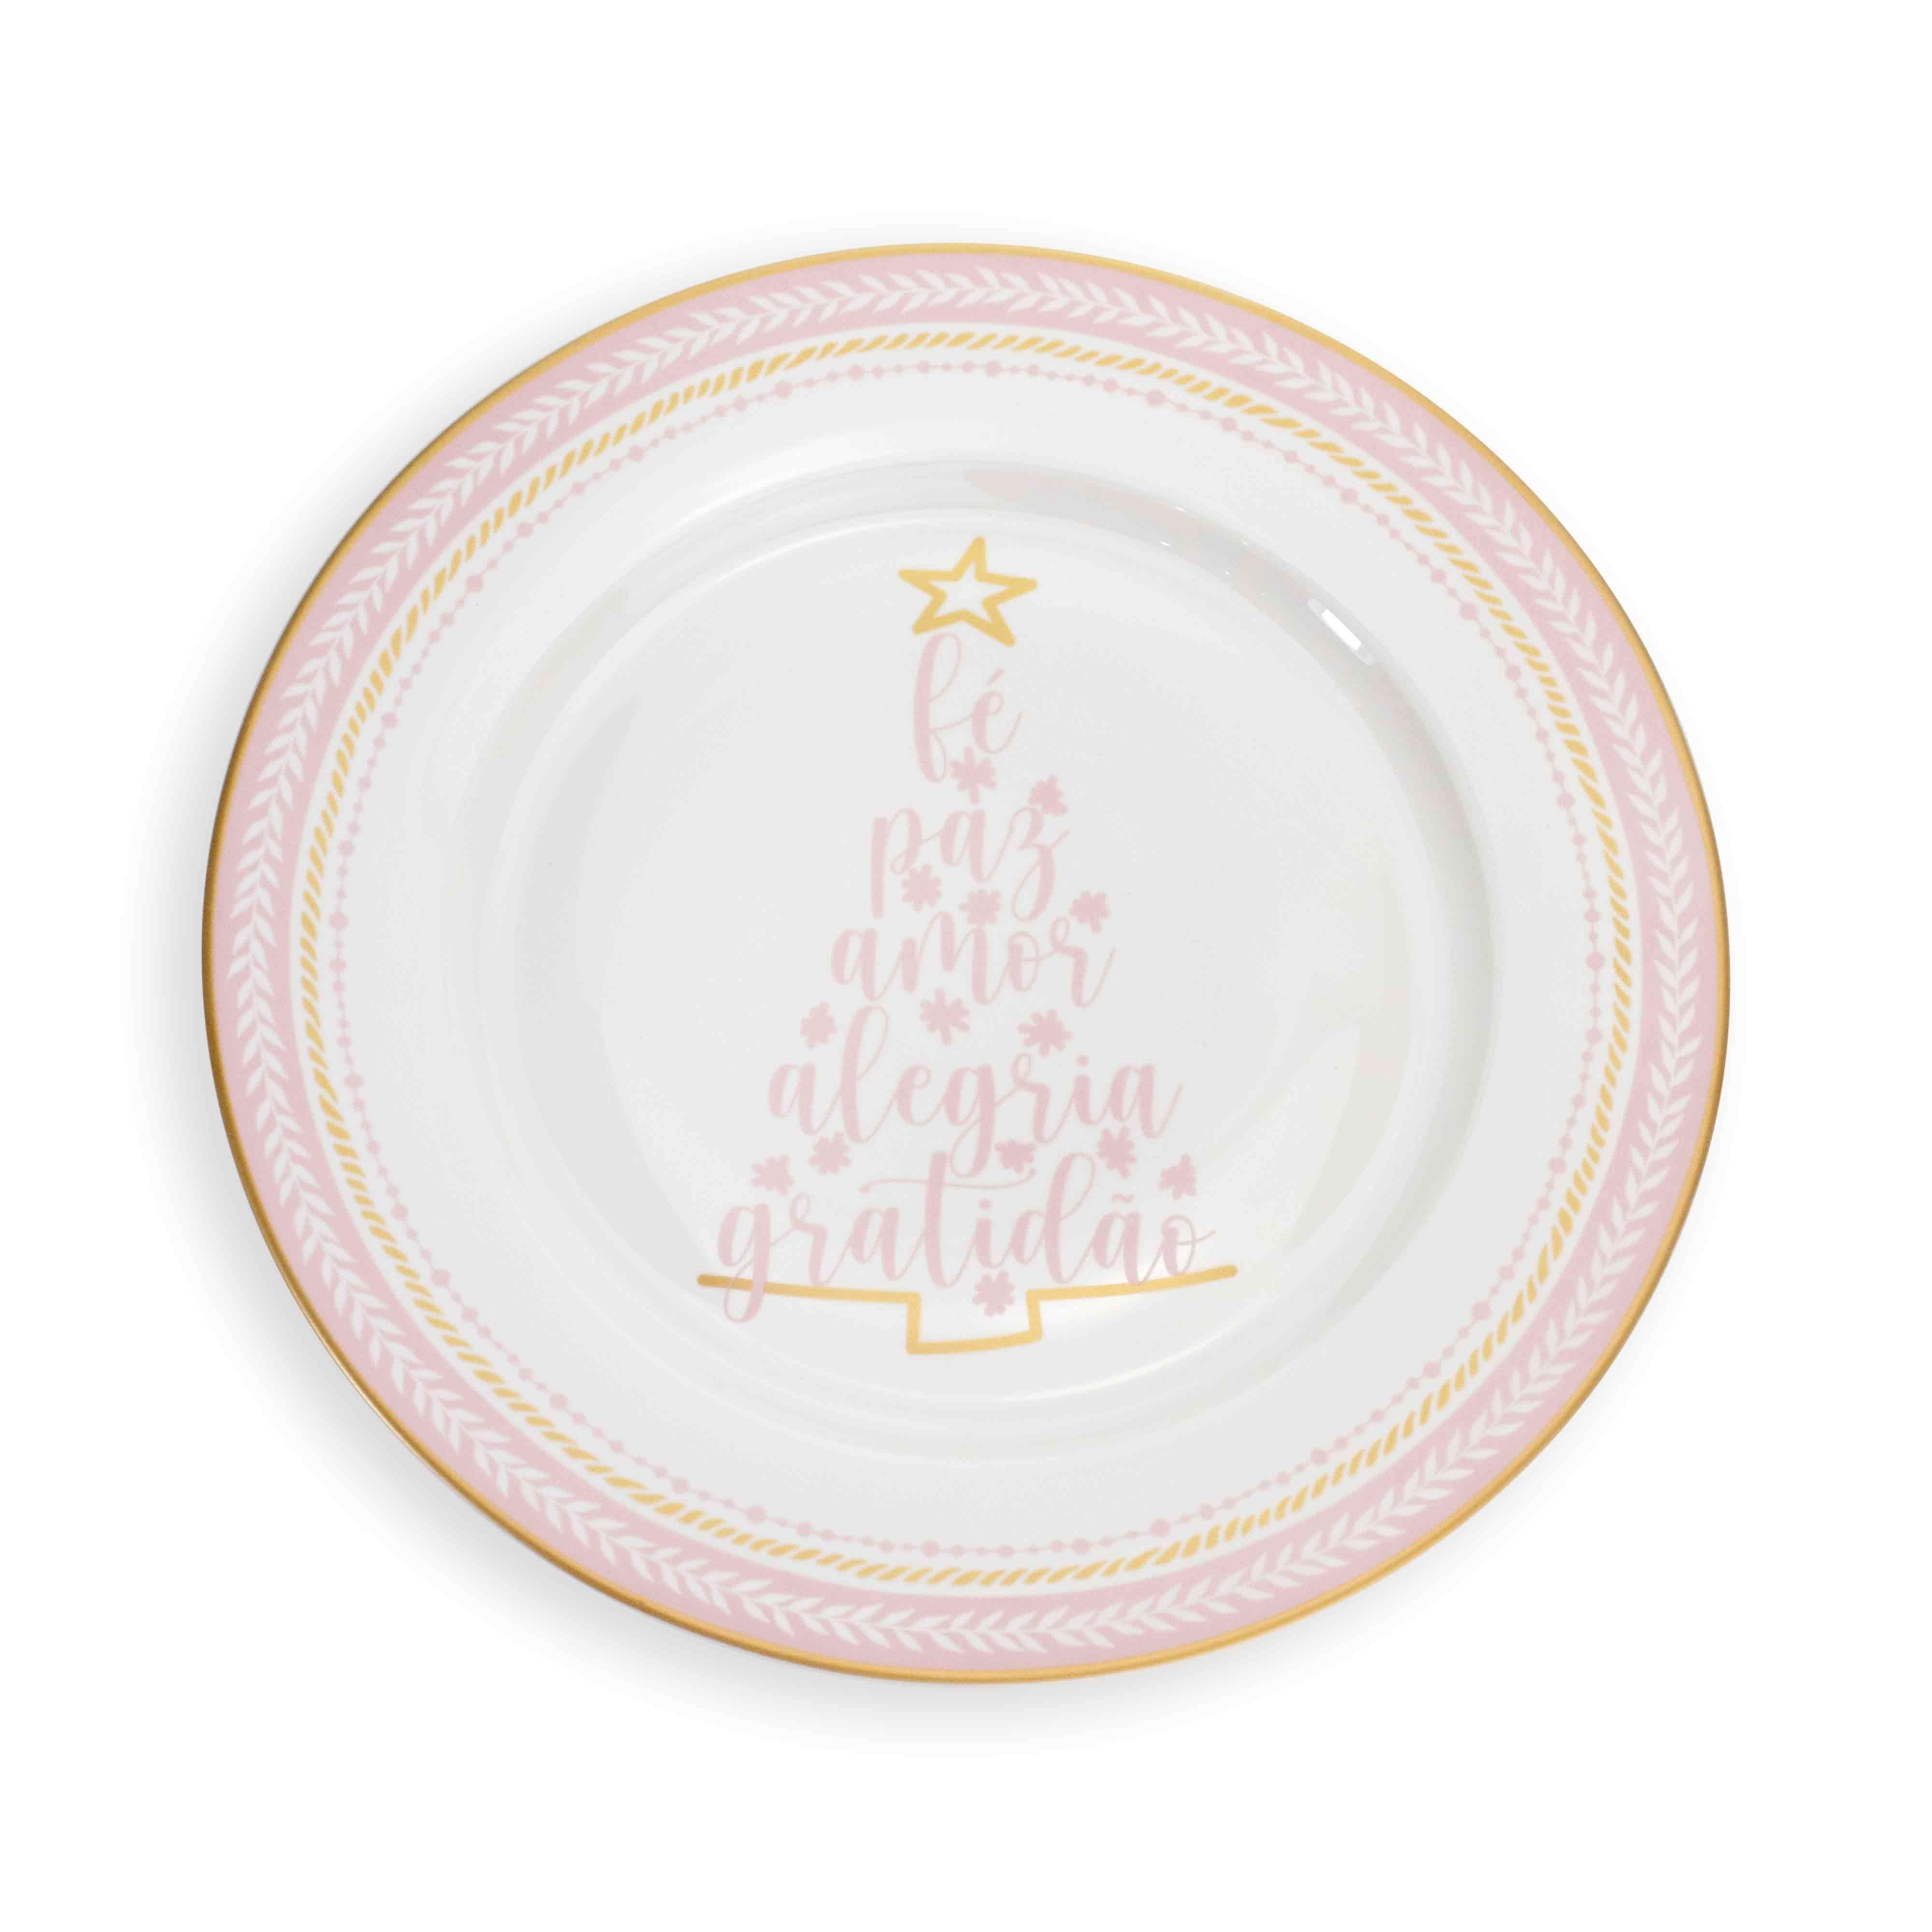 Prato Raso de Jantar Árvore de Natal em Cerâmica Branco e Rosa 28 cm - D'Rossi